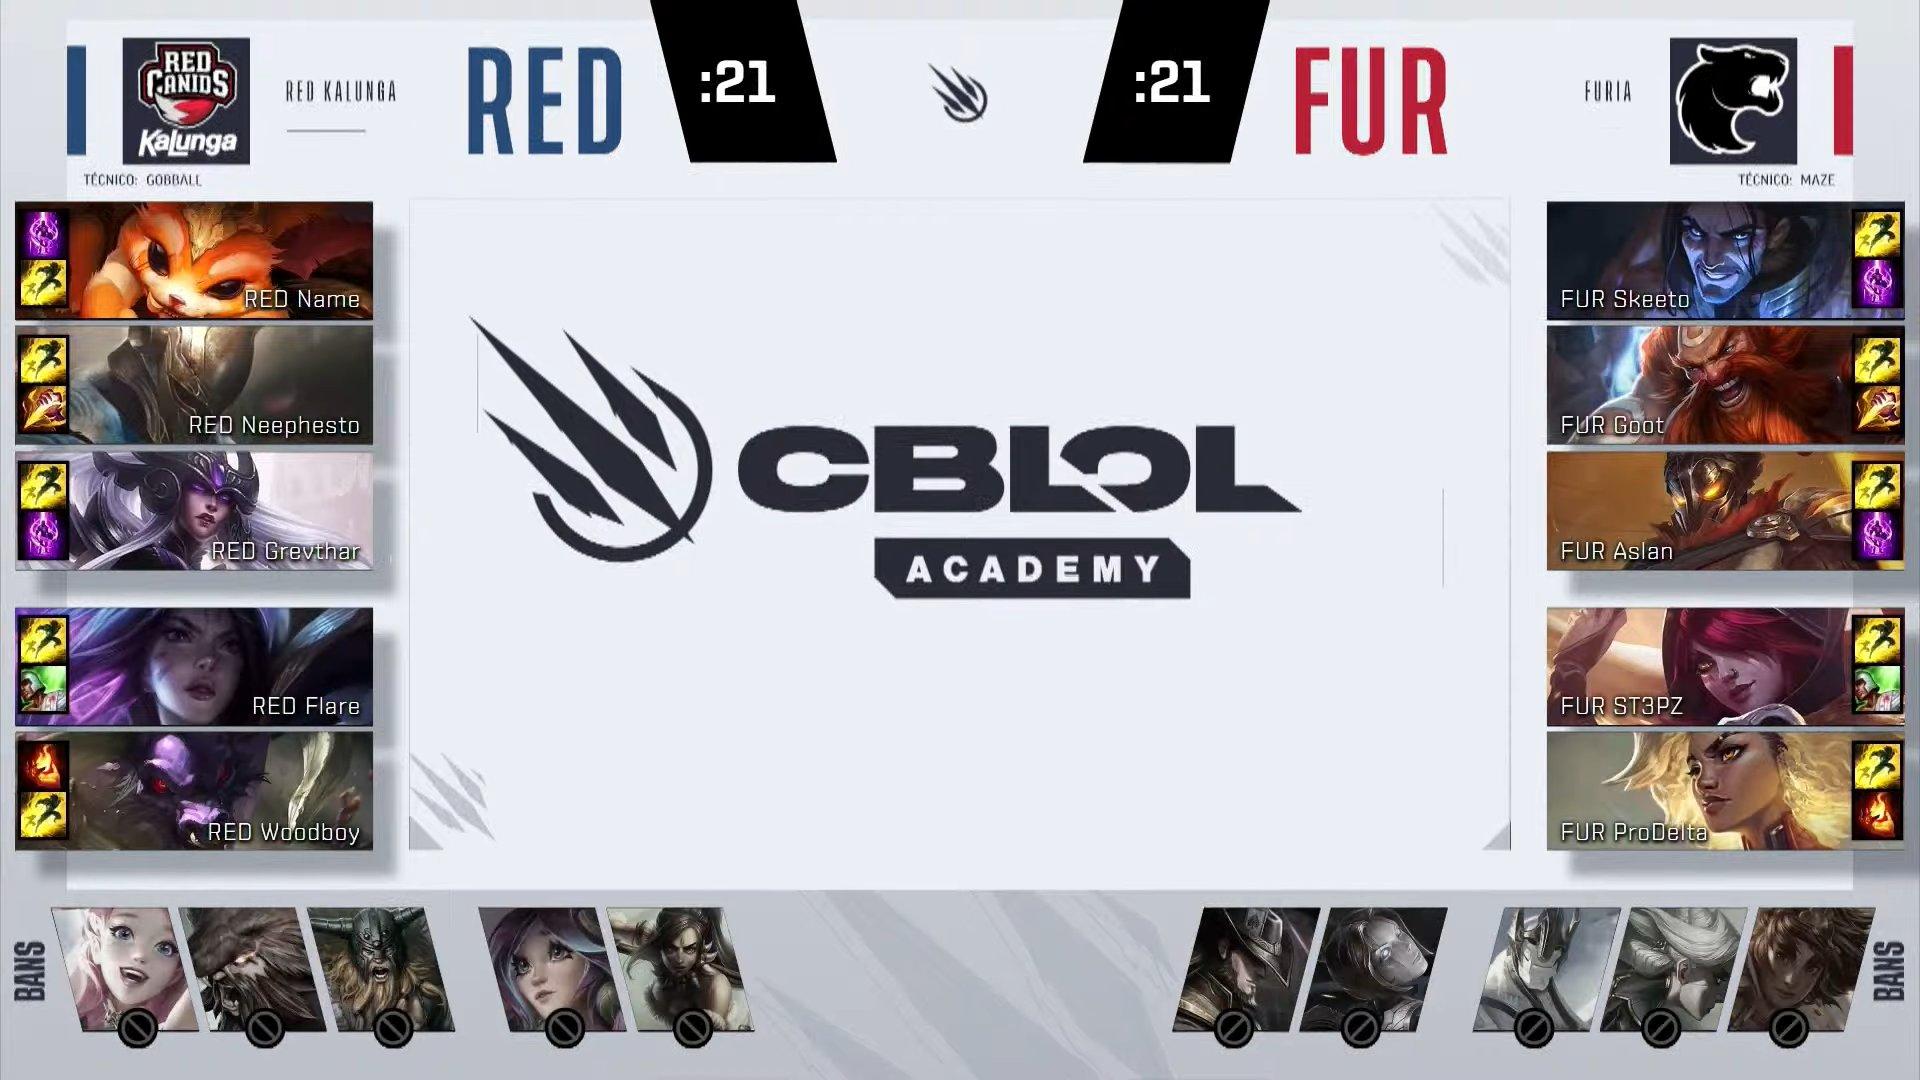 CBLOL Academy – Kabum domina e garante a sua redenção!